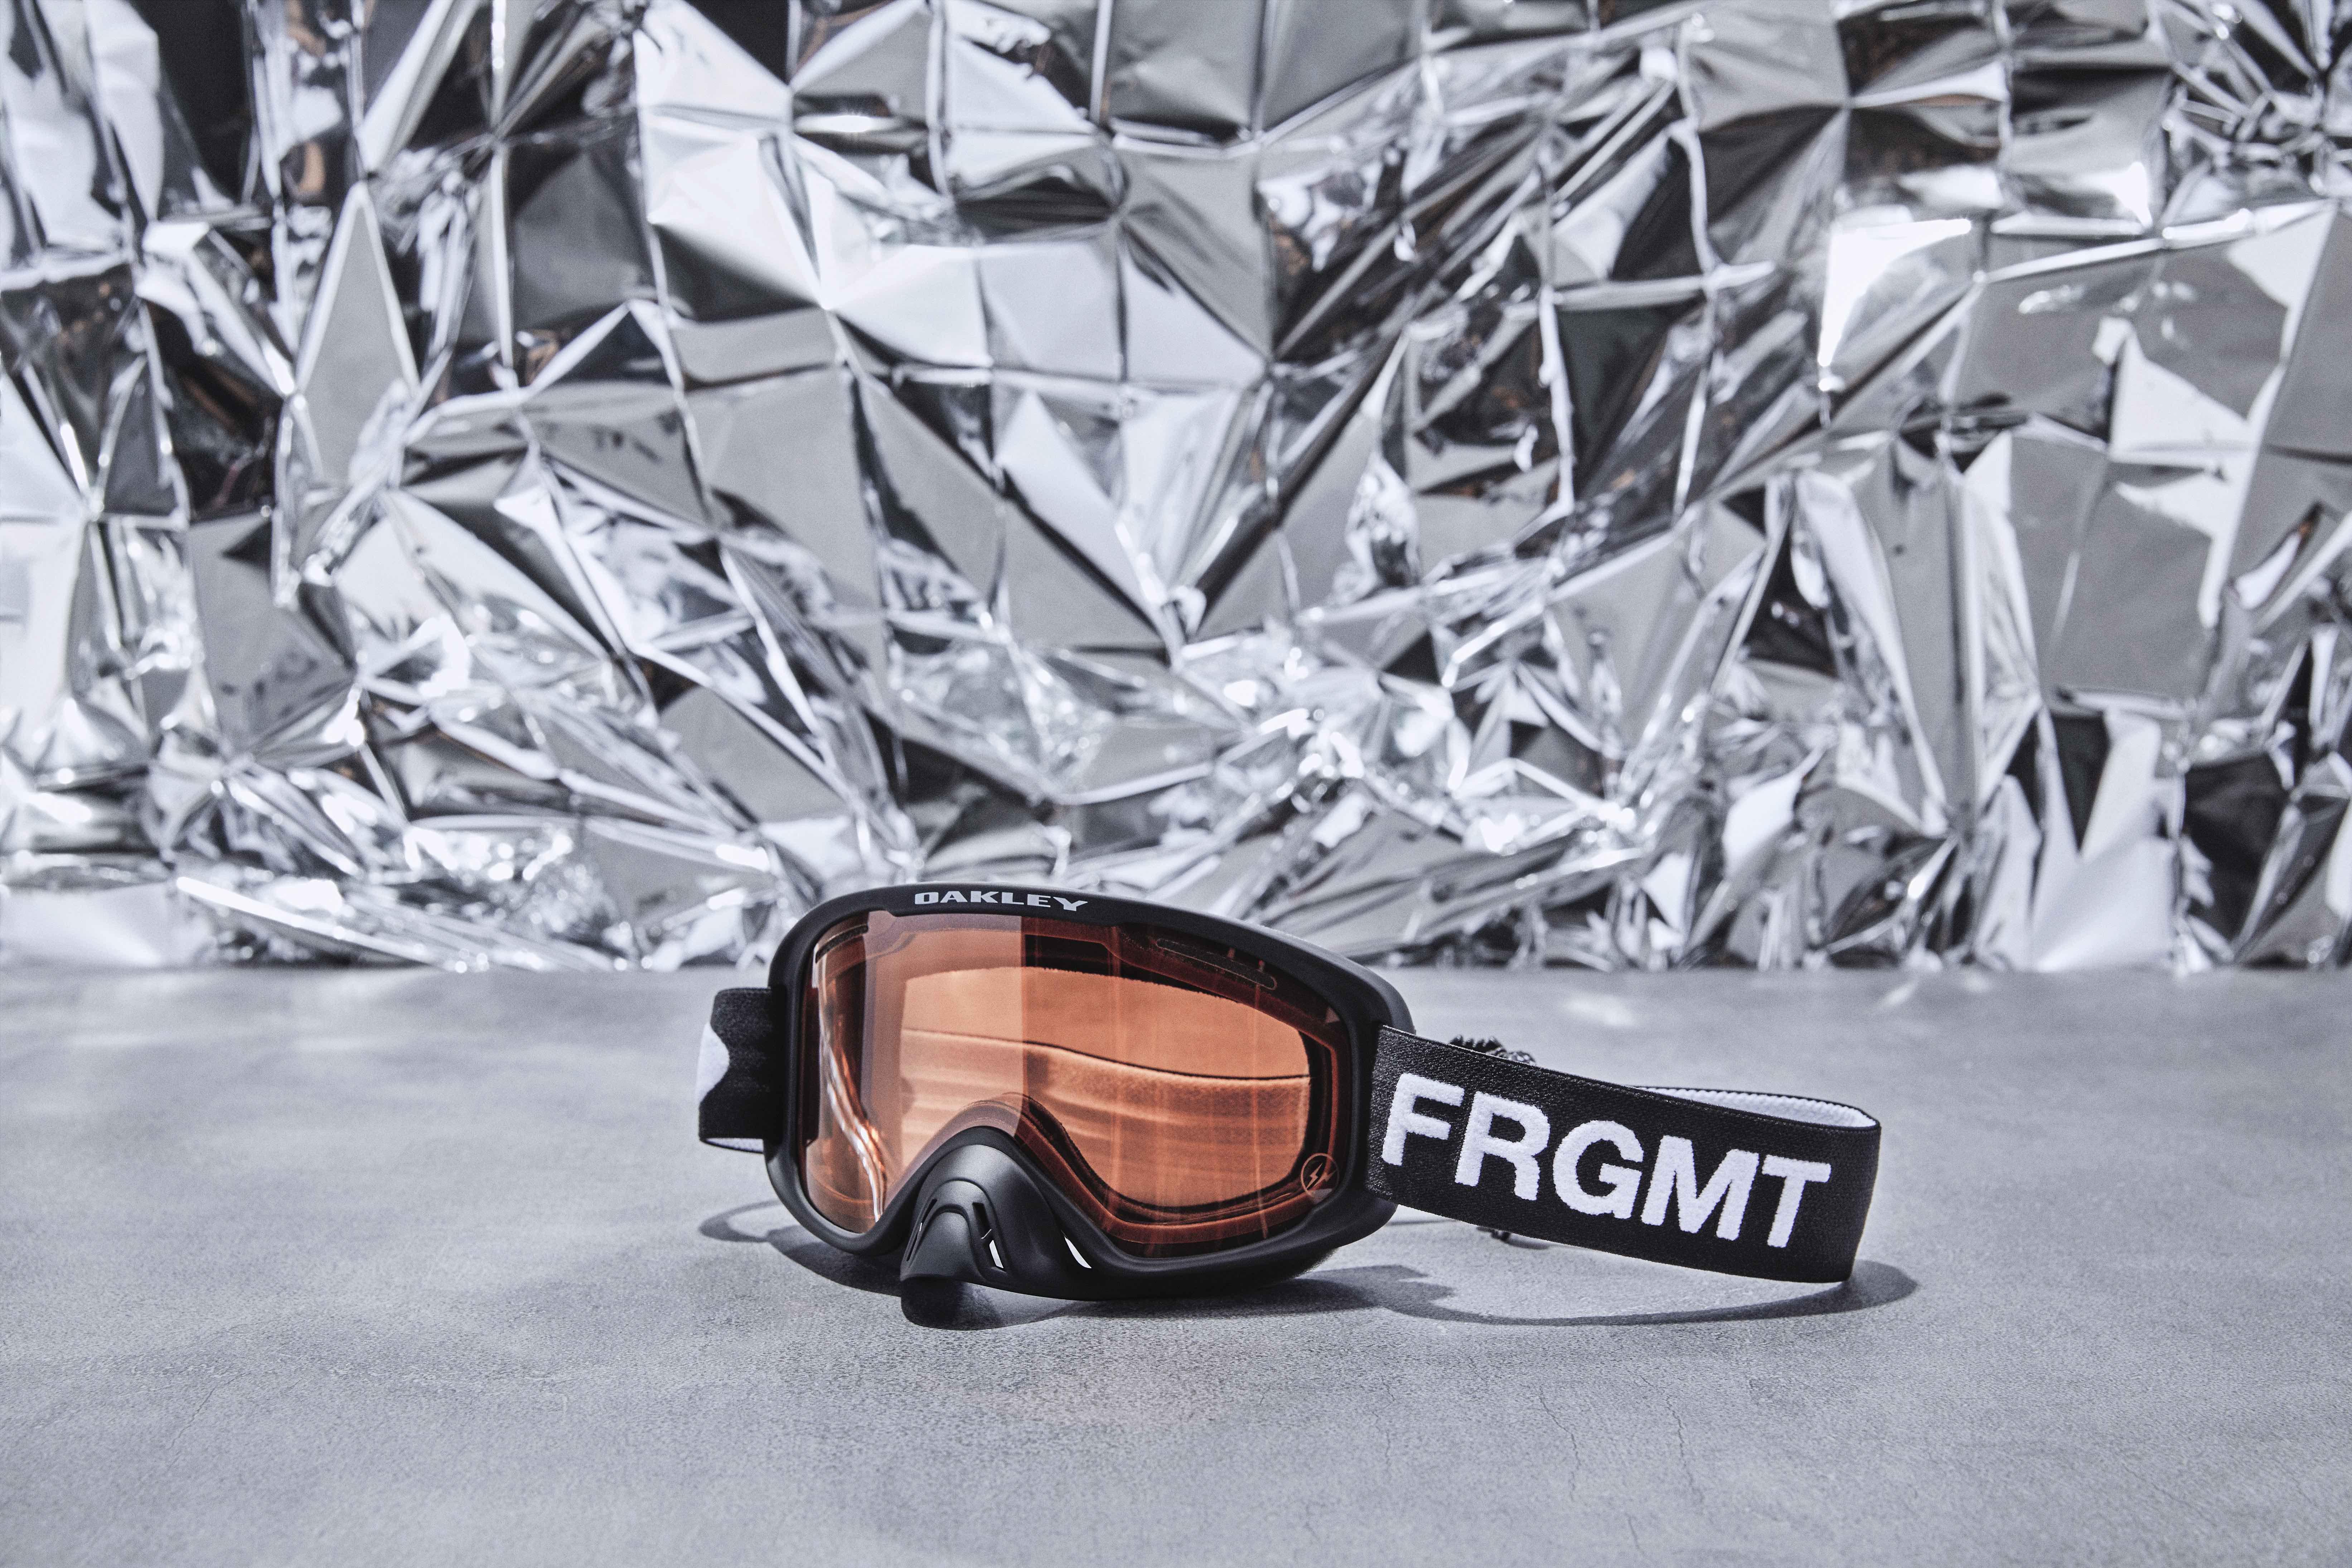 Oakley Fragment20201027_03